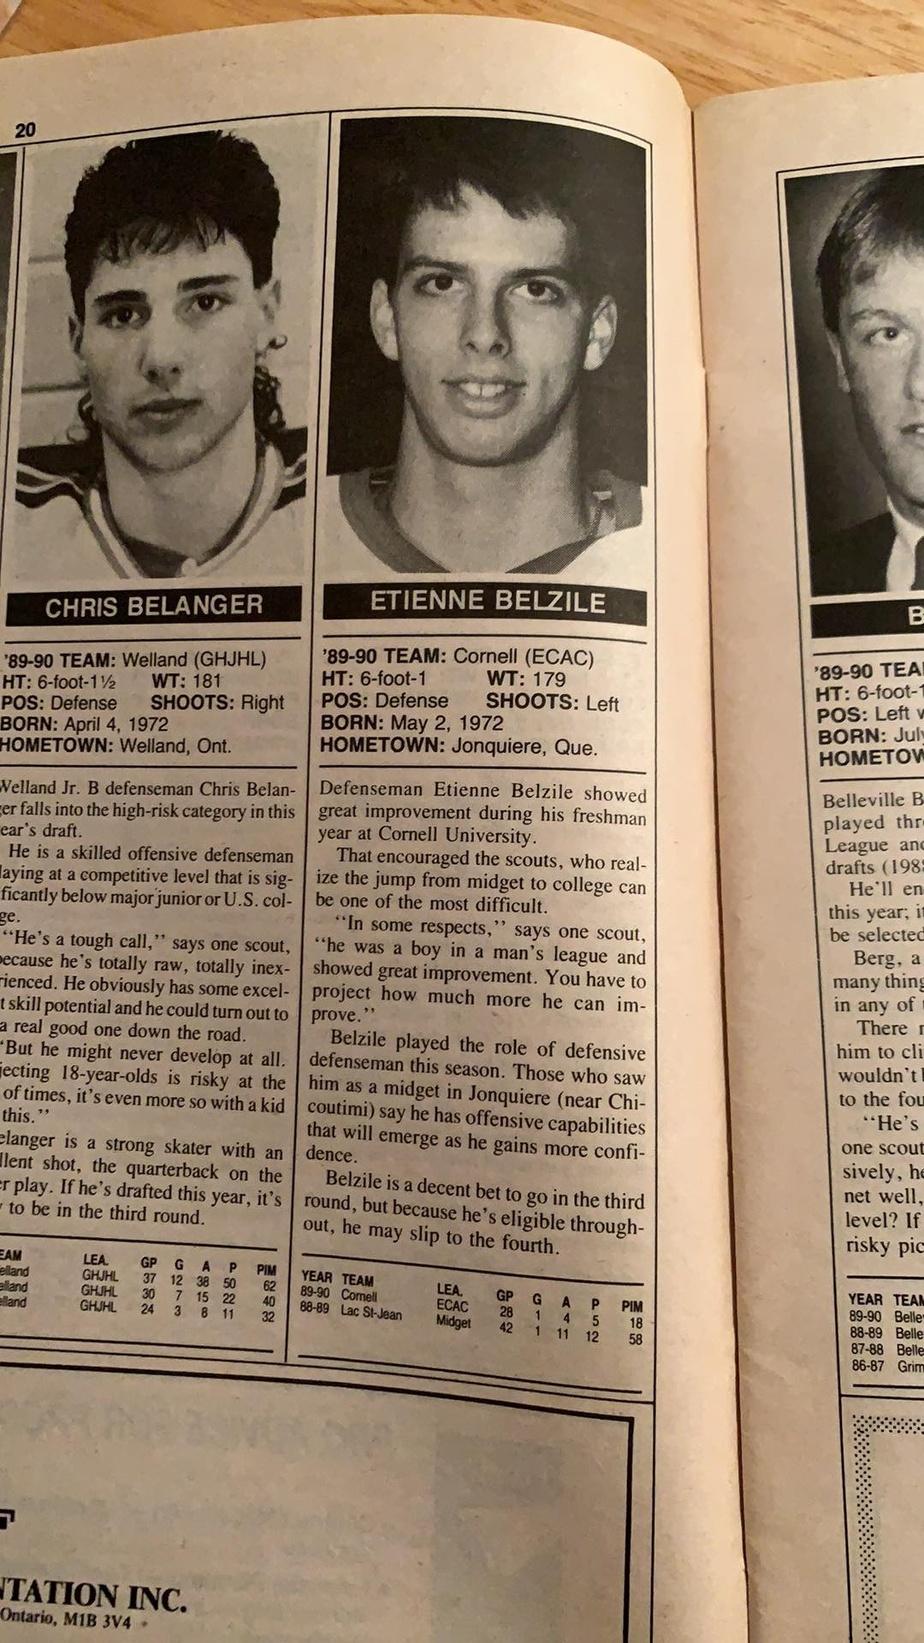 Le portrait de joueur d'Étienne Belzile publié dans l'édition spéciale du repêchage de 1990 du magazine The Hockey News